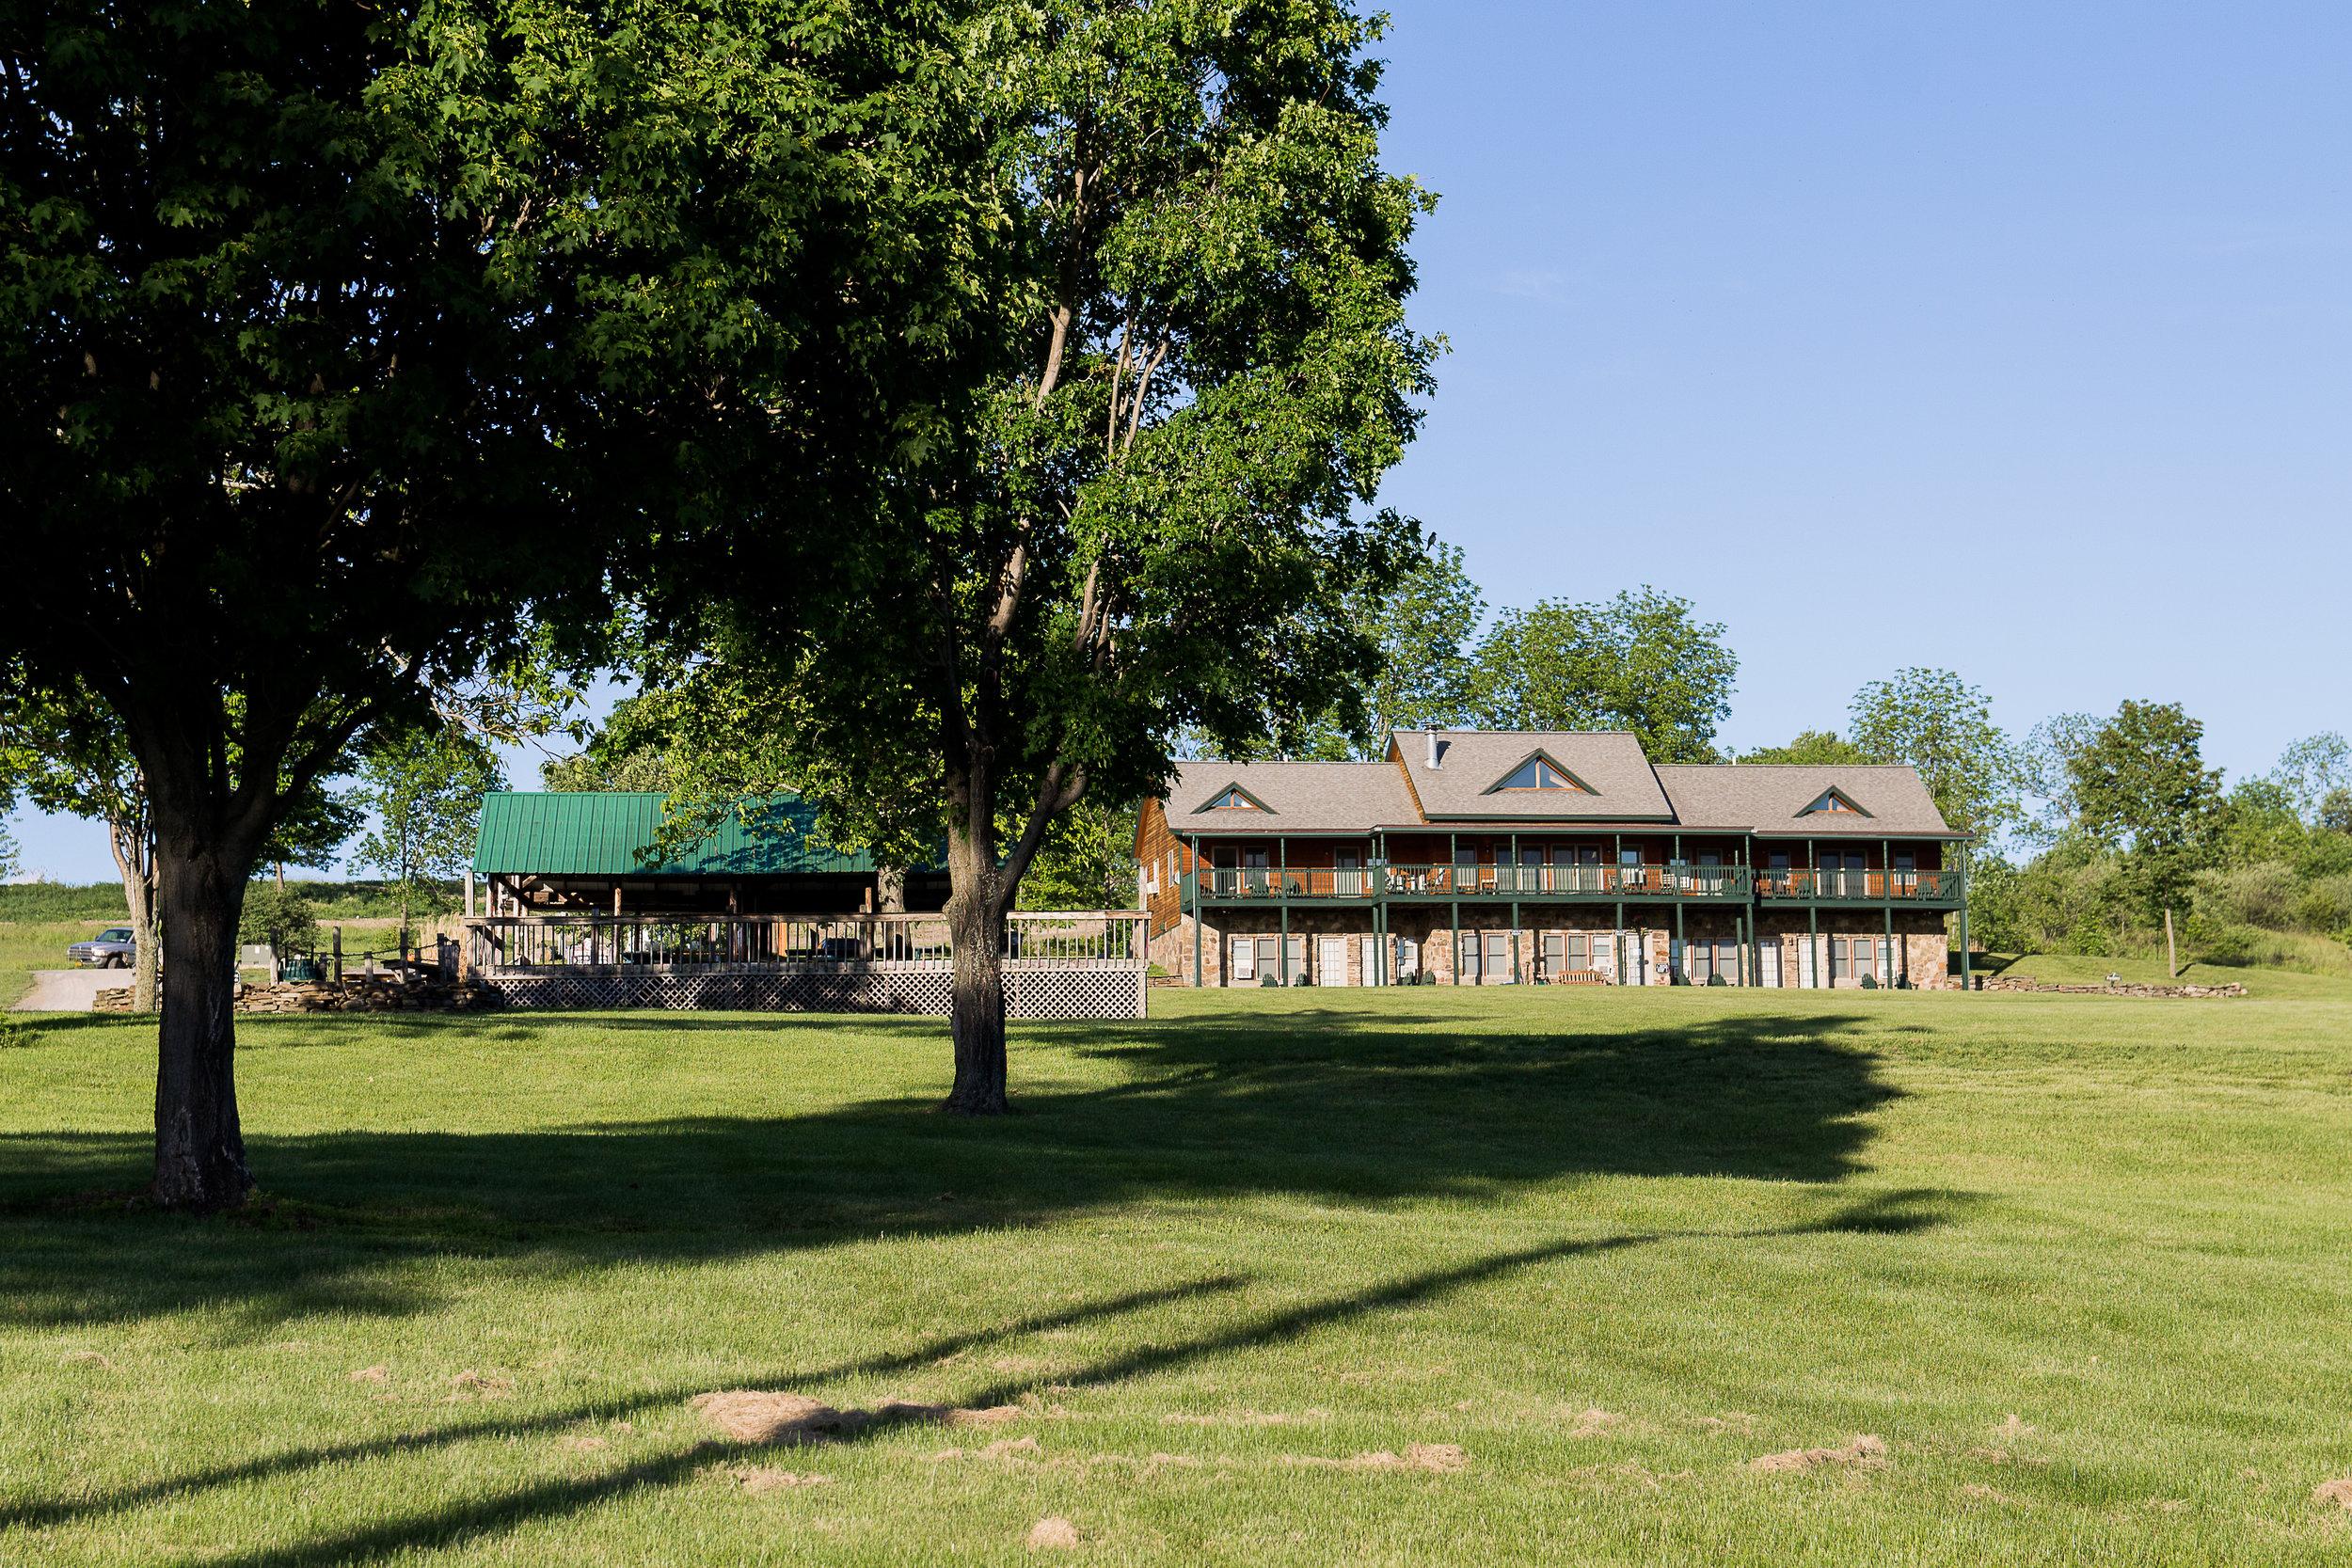 Pavilion & The Lodge